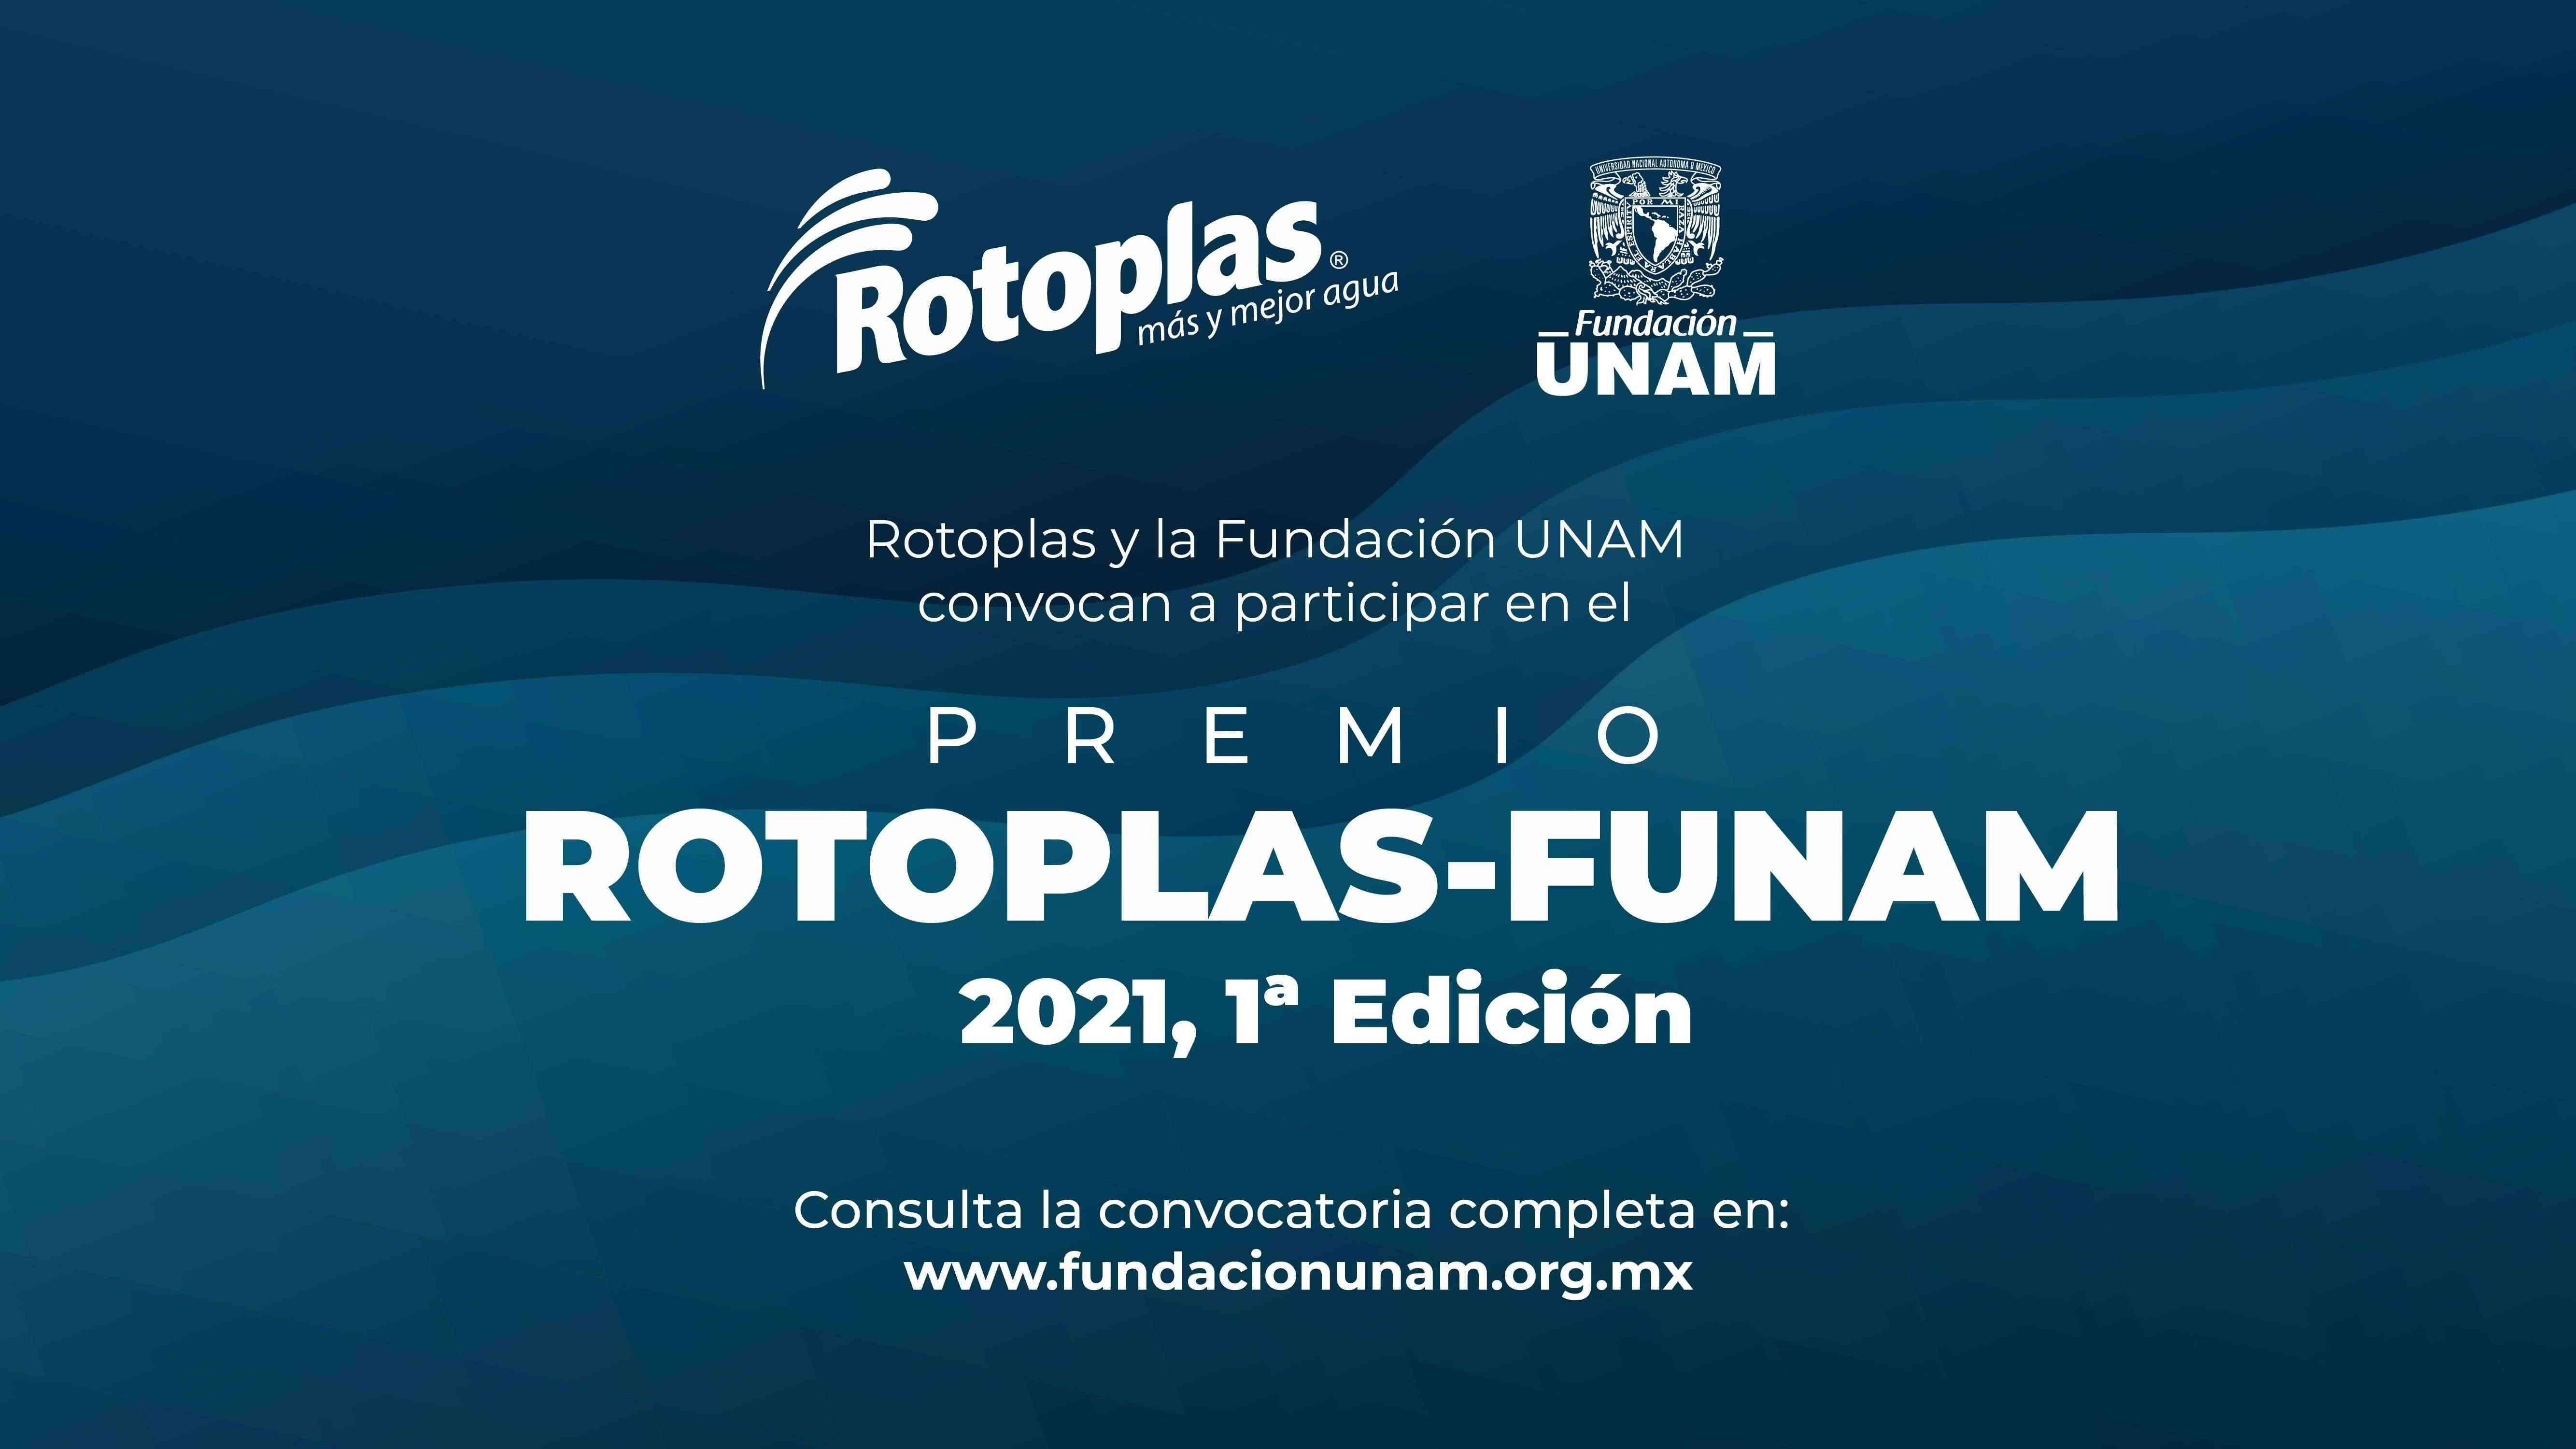 fundacion unam anuncia las bases para la primera edicion del premio rotoplas funam 2021 - Fundación UNAM anuncia las bases para la primera edición del Premio Rotoplas-FUNAM 2021